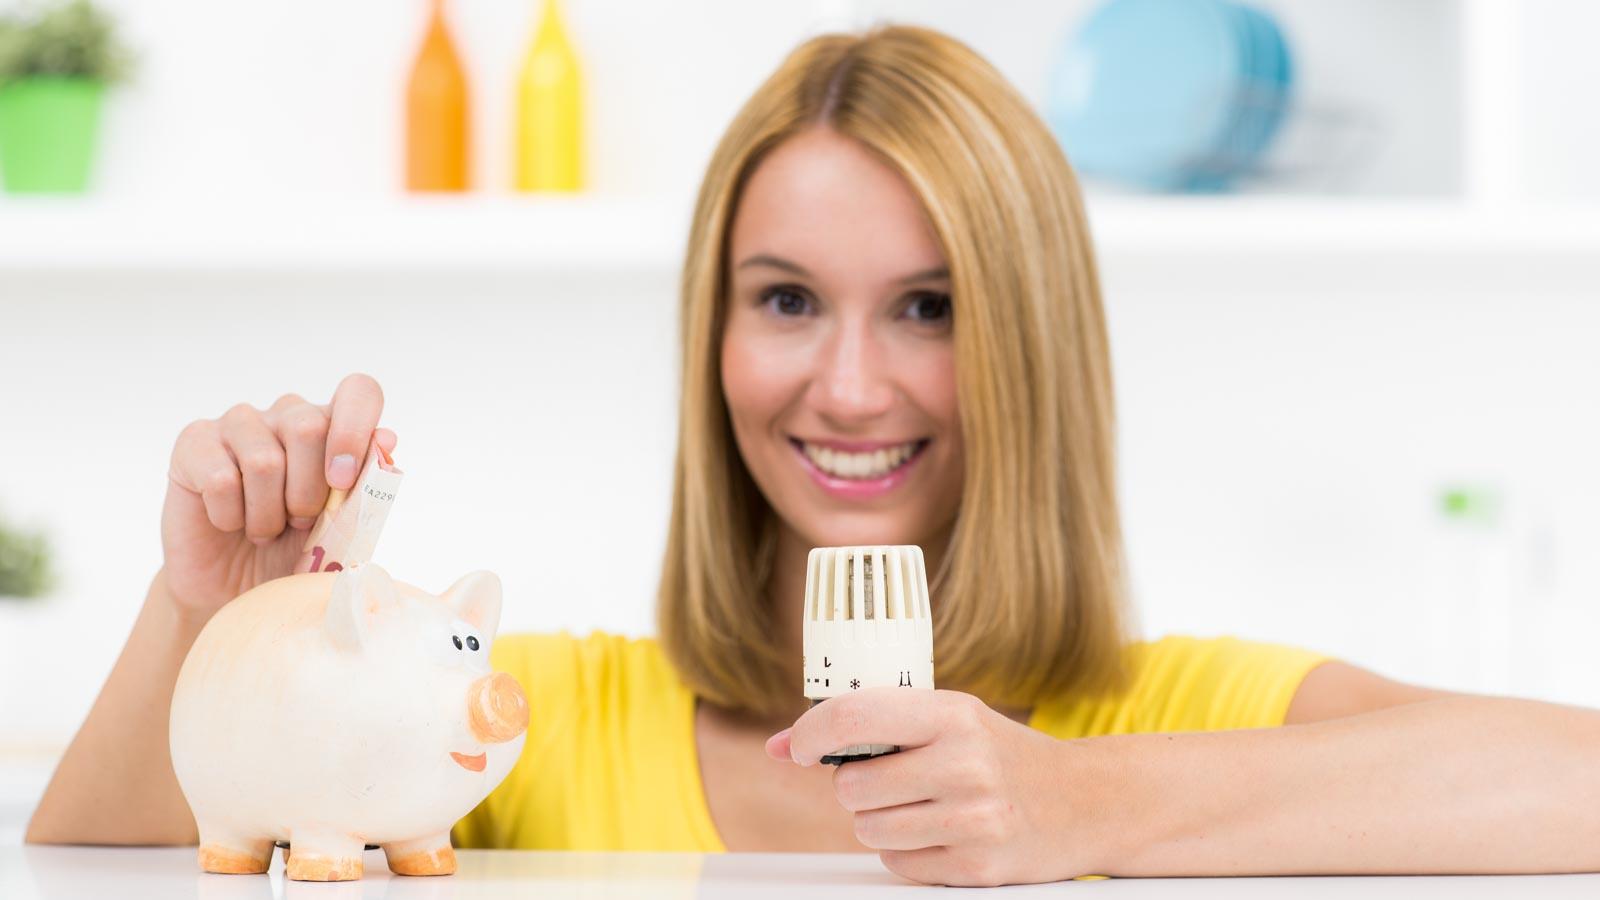 Lächelnde junge Frau mit Heizungsthermostat in der Hand steckt Geldschein in ein Sparschwein